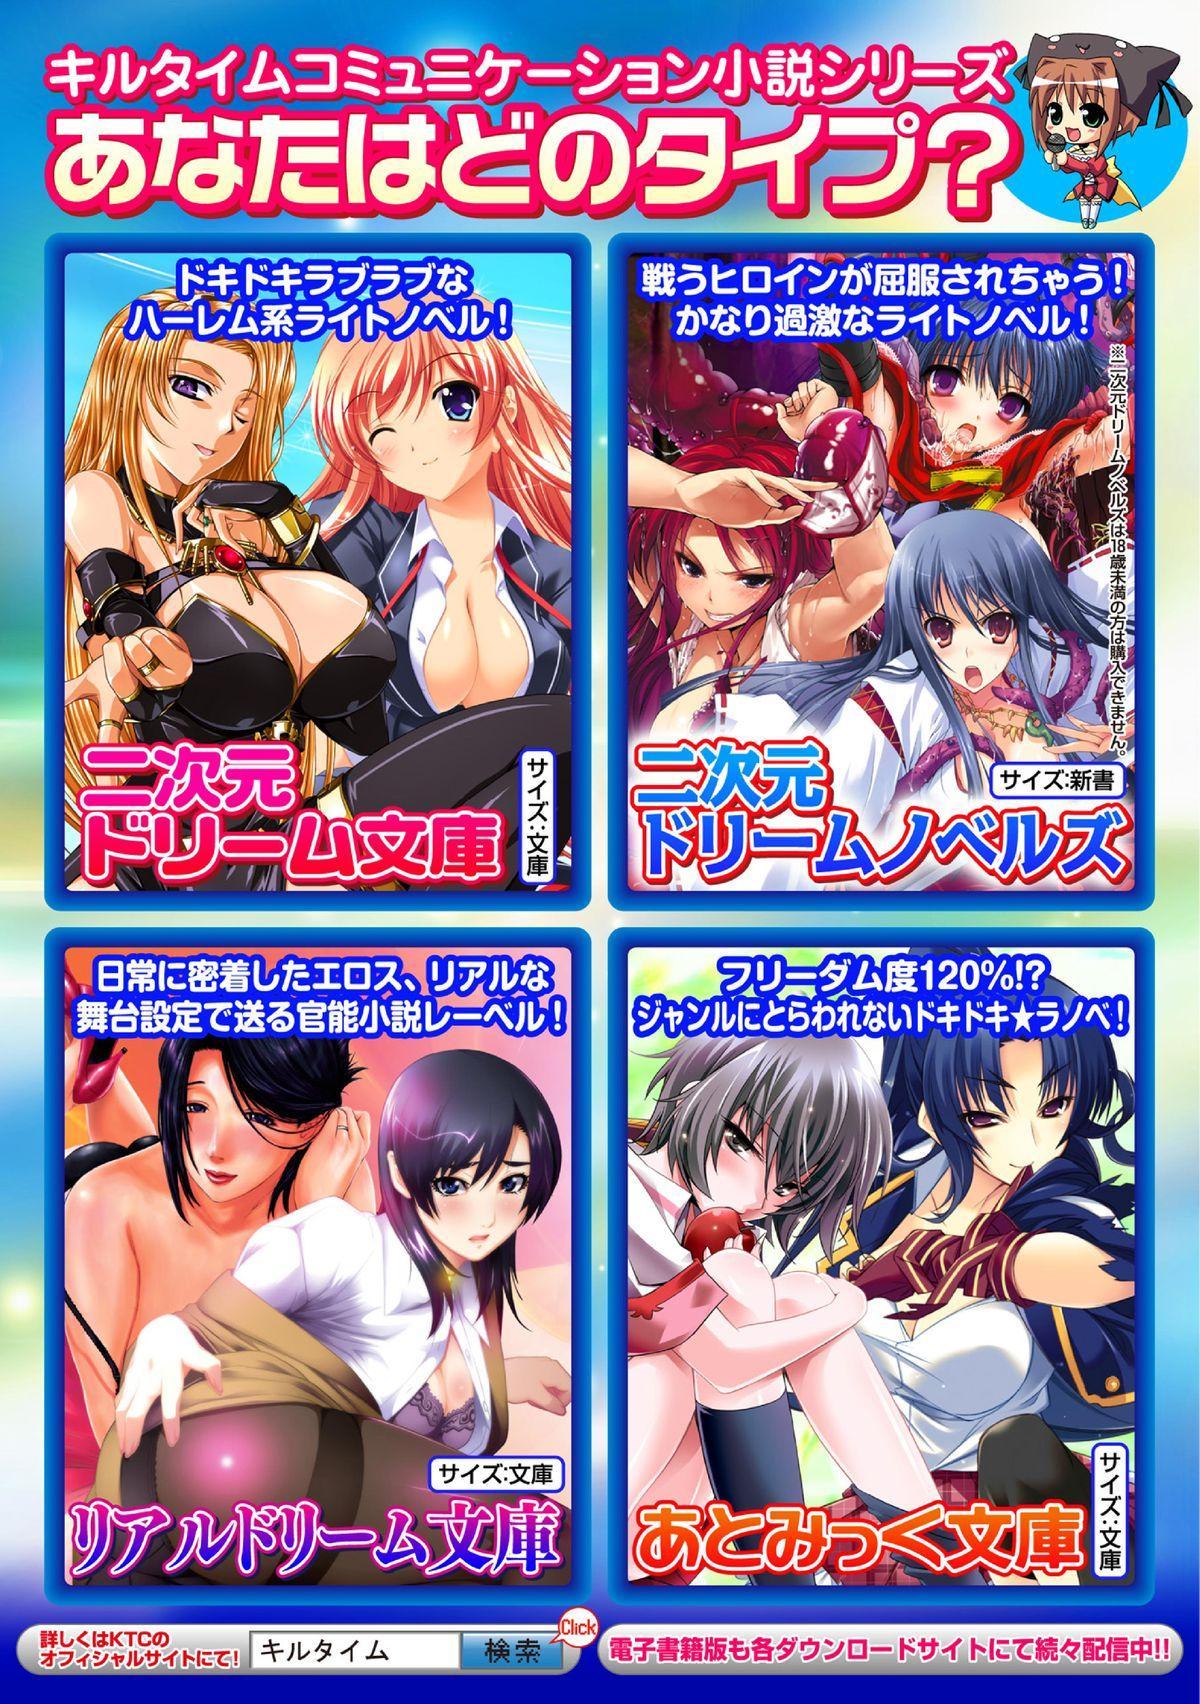 2D Comic Magazine - Monster Musume ga Tsudou Ishuzoku Gakuen e Youkoso! Vol. 2 63